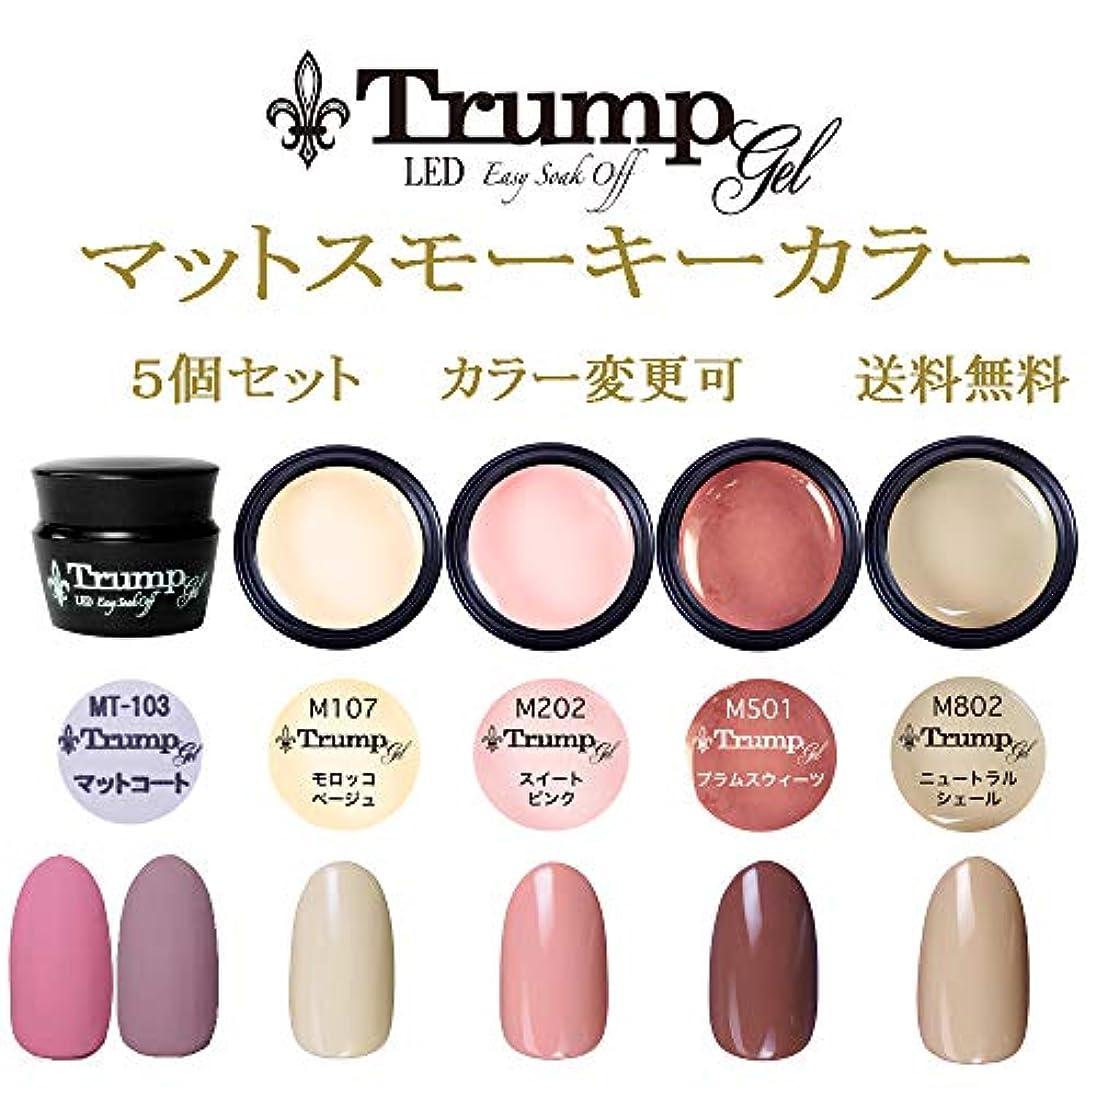 パイル層二【送料無料】日本製 Trump gel トランプジェル マットスモーキー カラージェル 5個セット 魅惑のフロストマットトップとマットに合う人気カラーをチョイス